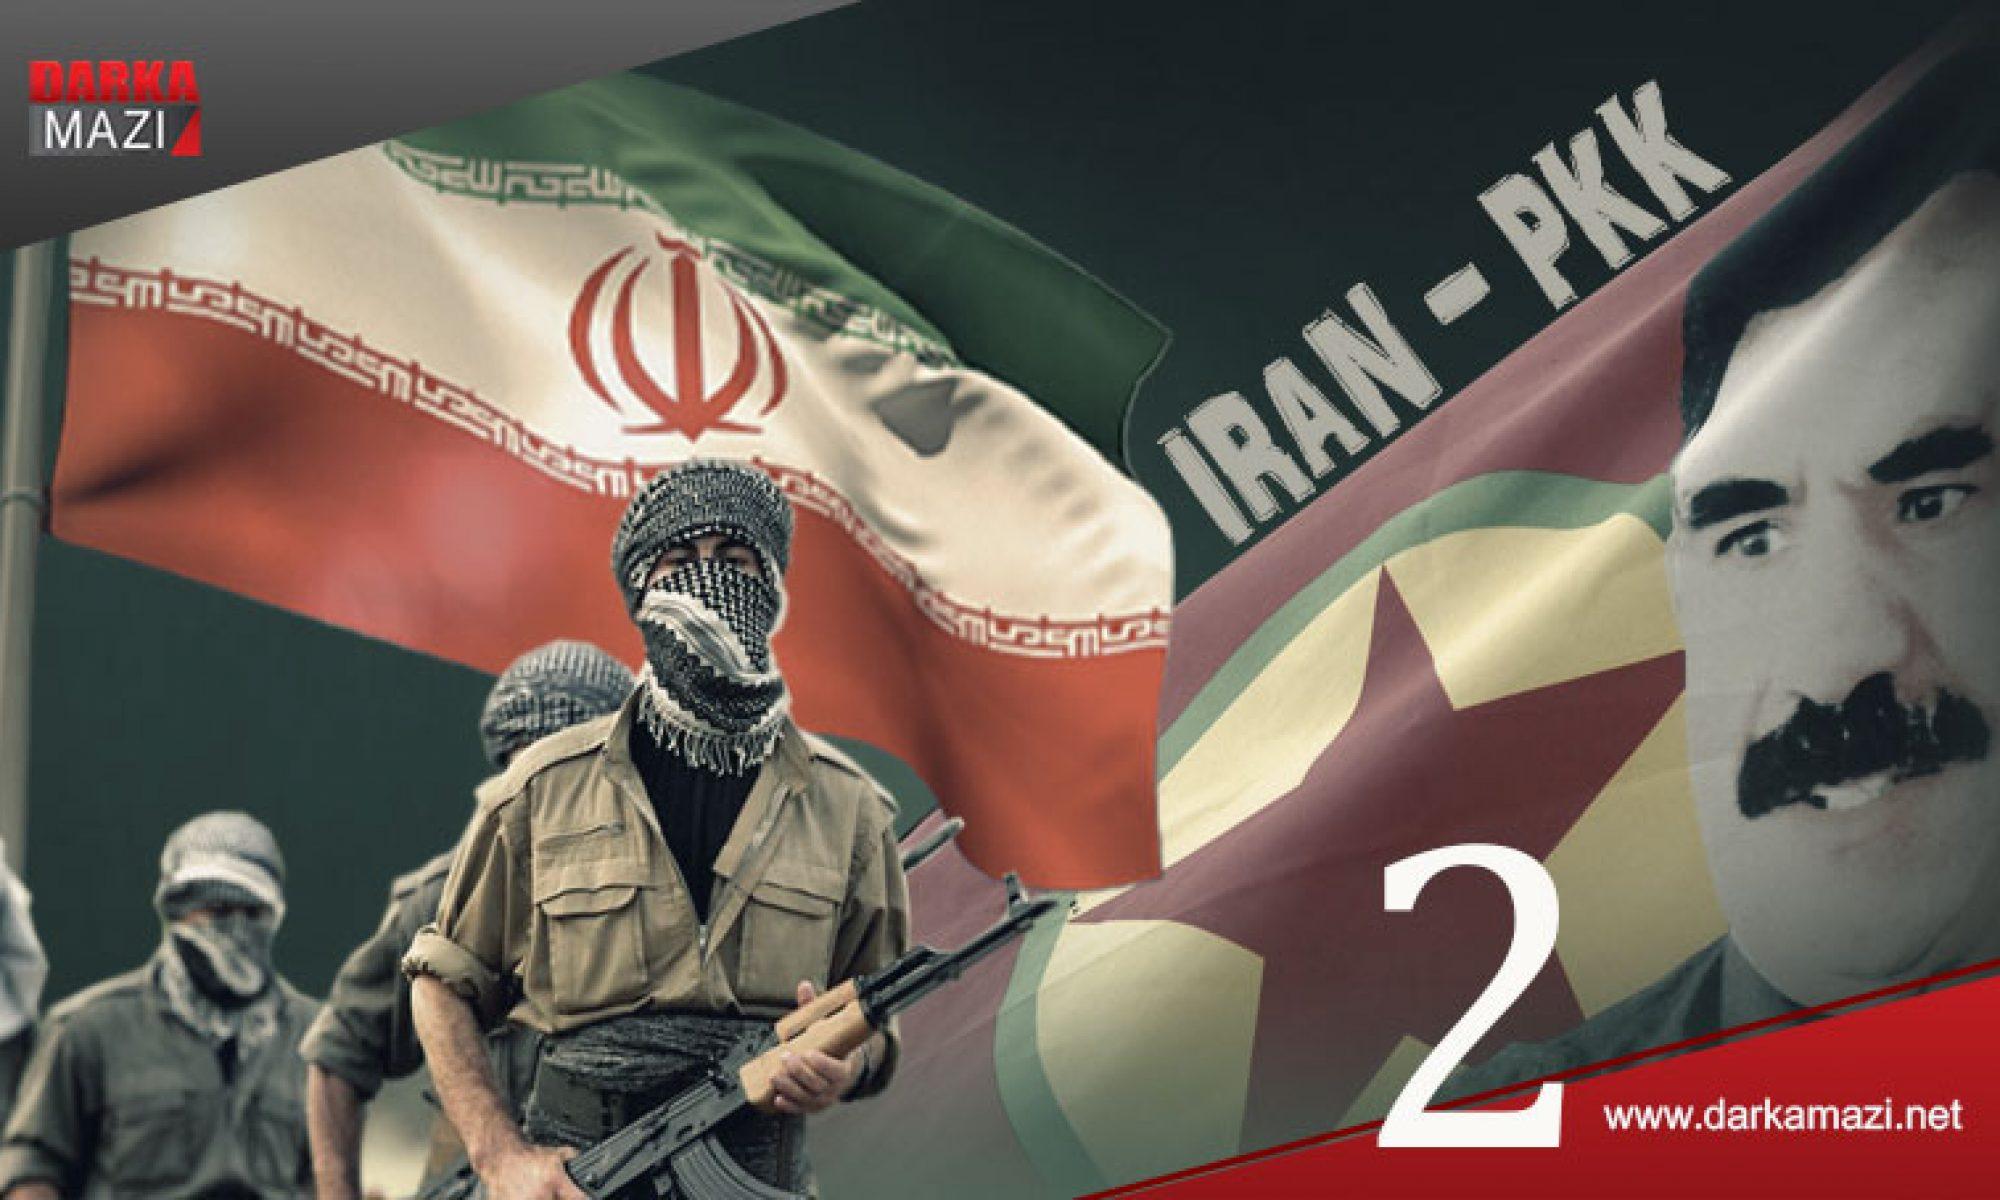 2. Bölüm İran-PKK ilişkisinde ikinci aşama: Stratejik ortaklığa doğru (1990-2000 yılları), Türkiye, Öcalan, Doğu Kürdistan, YNK, Güney Kürdistan, Güney Kürdistan'da Türk üsleri, NATO, 36'ıncı paralel